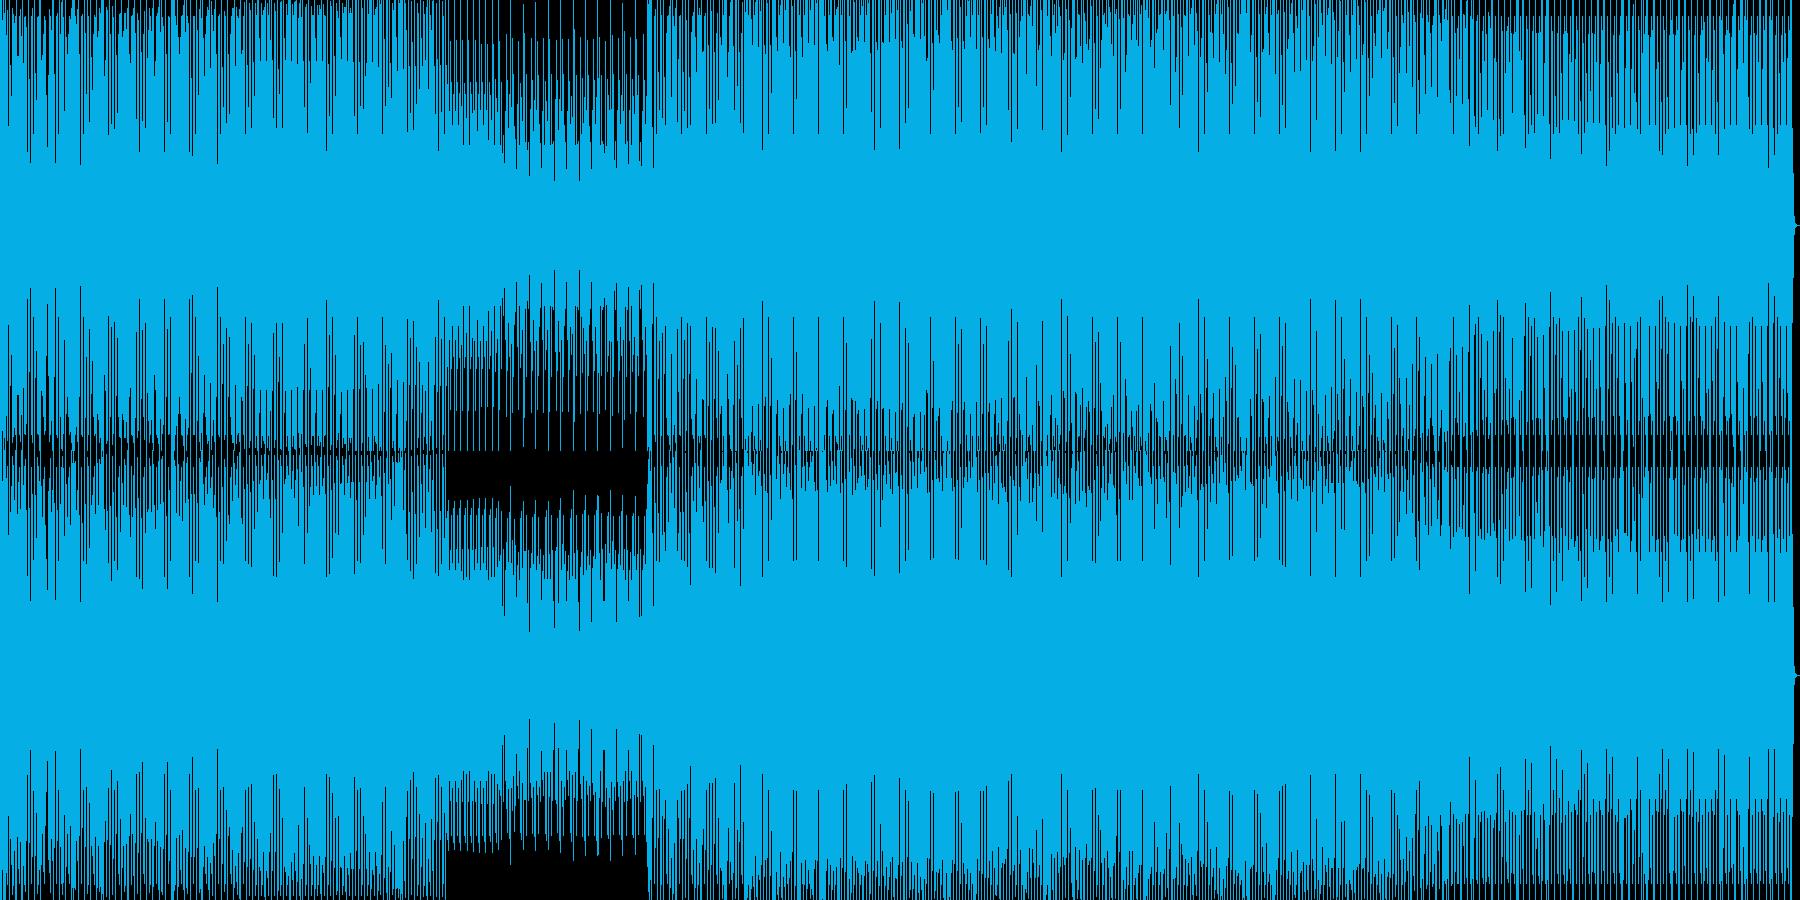 暗いダークなミニマルハウスの再生済みの波形